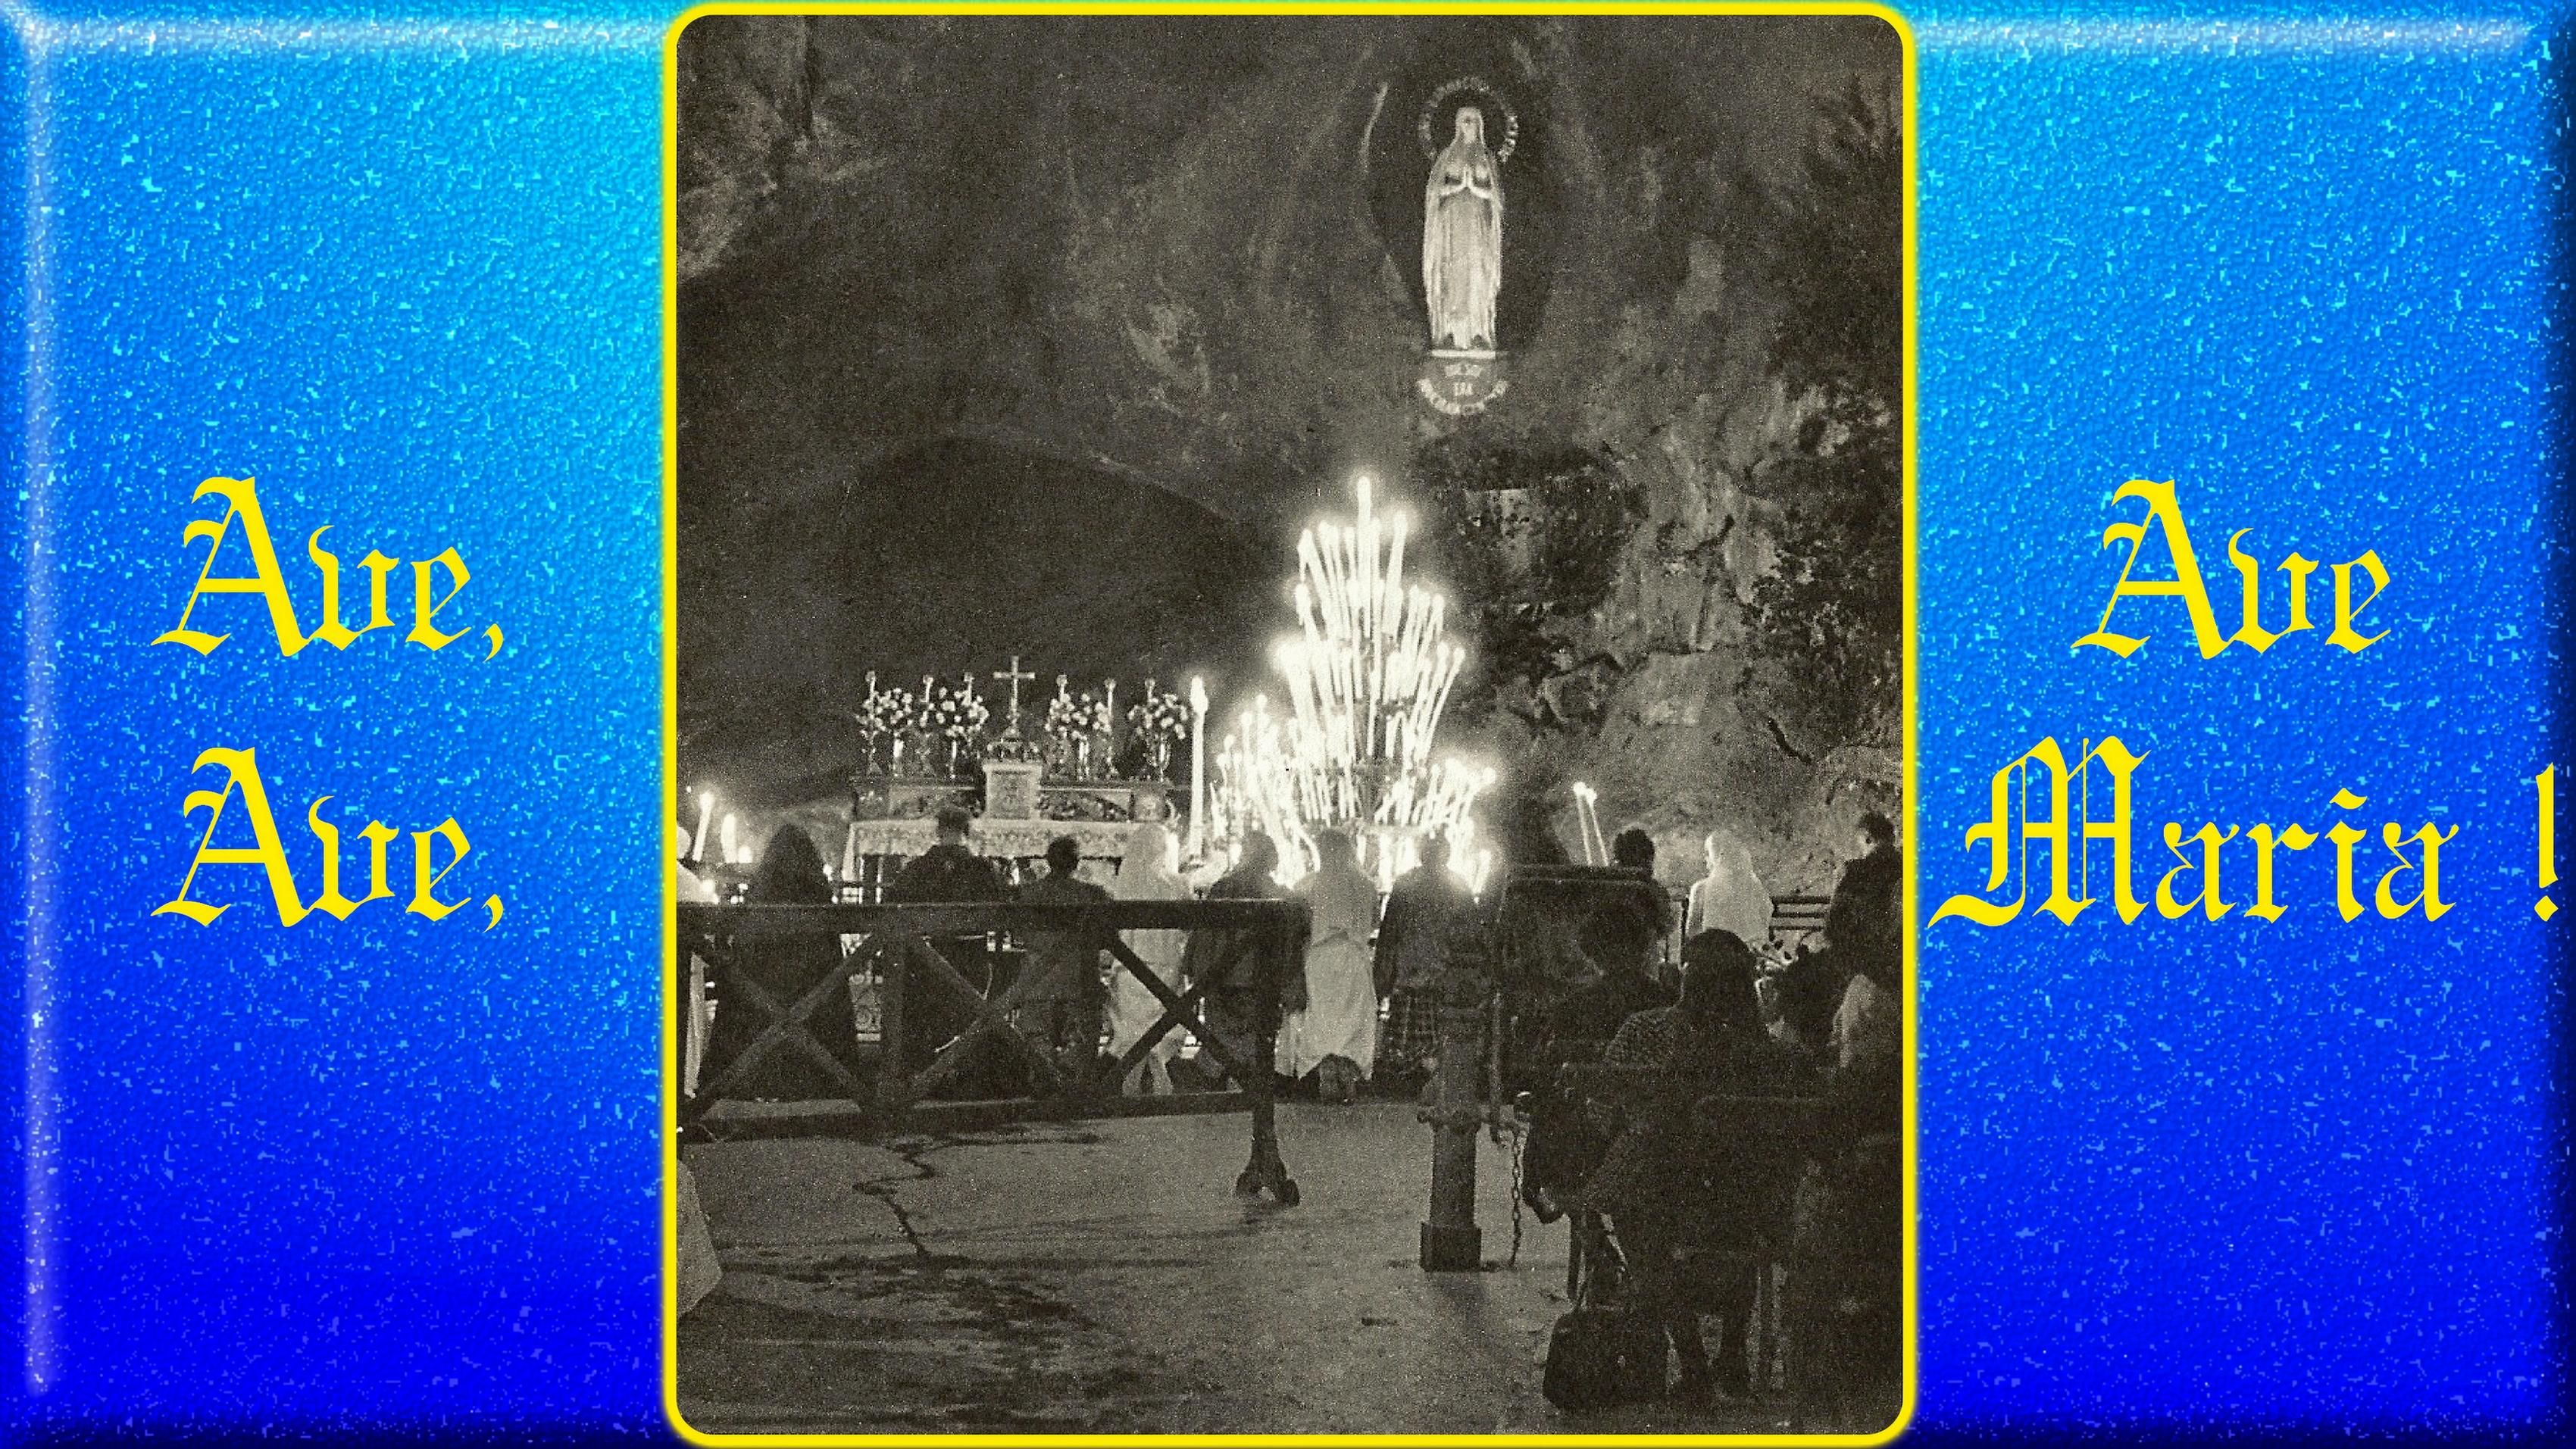 CALENDRIER CATHOLIQUE 2020 (Cantiques, Prières & Images) - Page 5 La-grotte-de-lourdes-55b5789